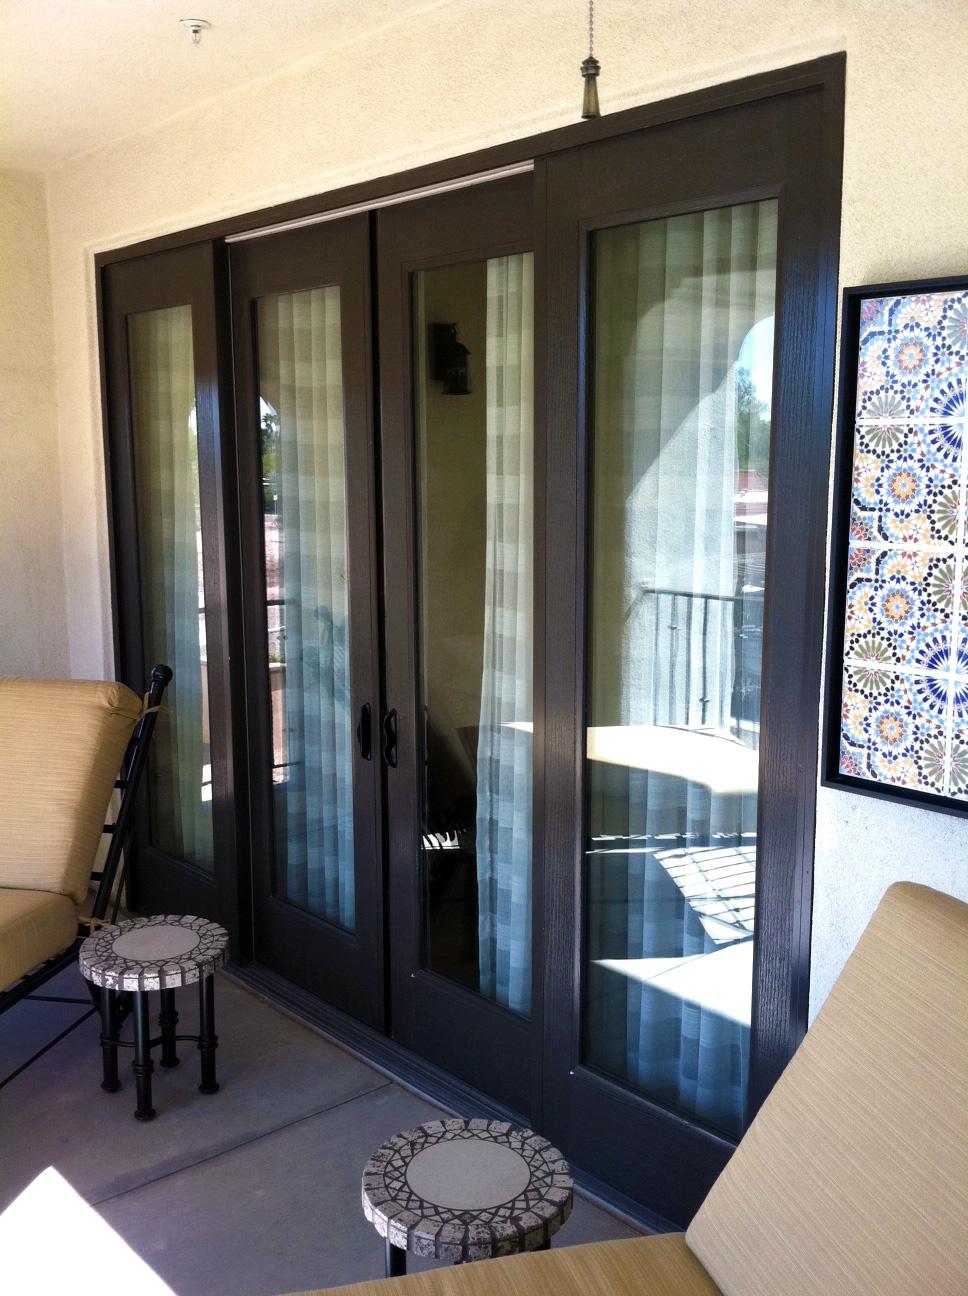 Pella 5 Foot Sliding Glass Door